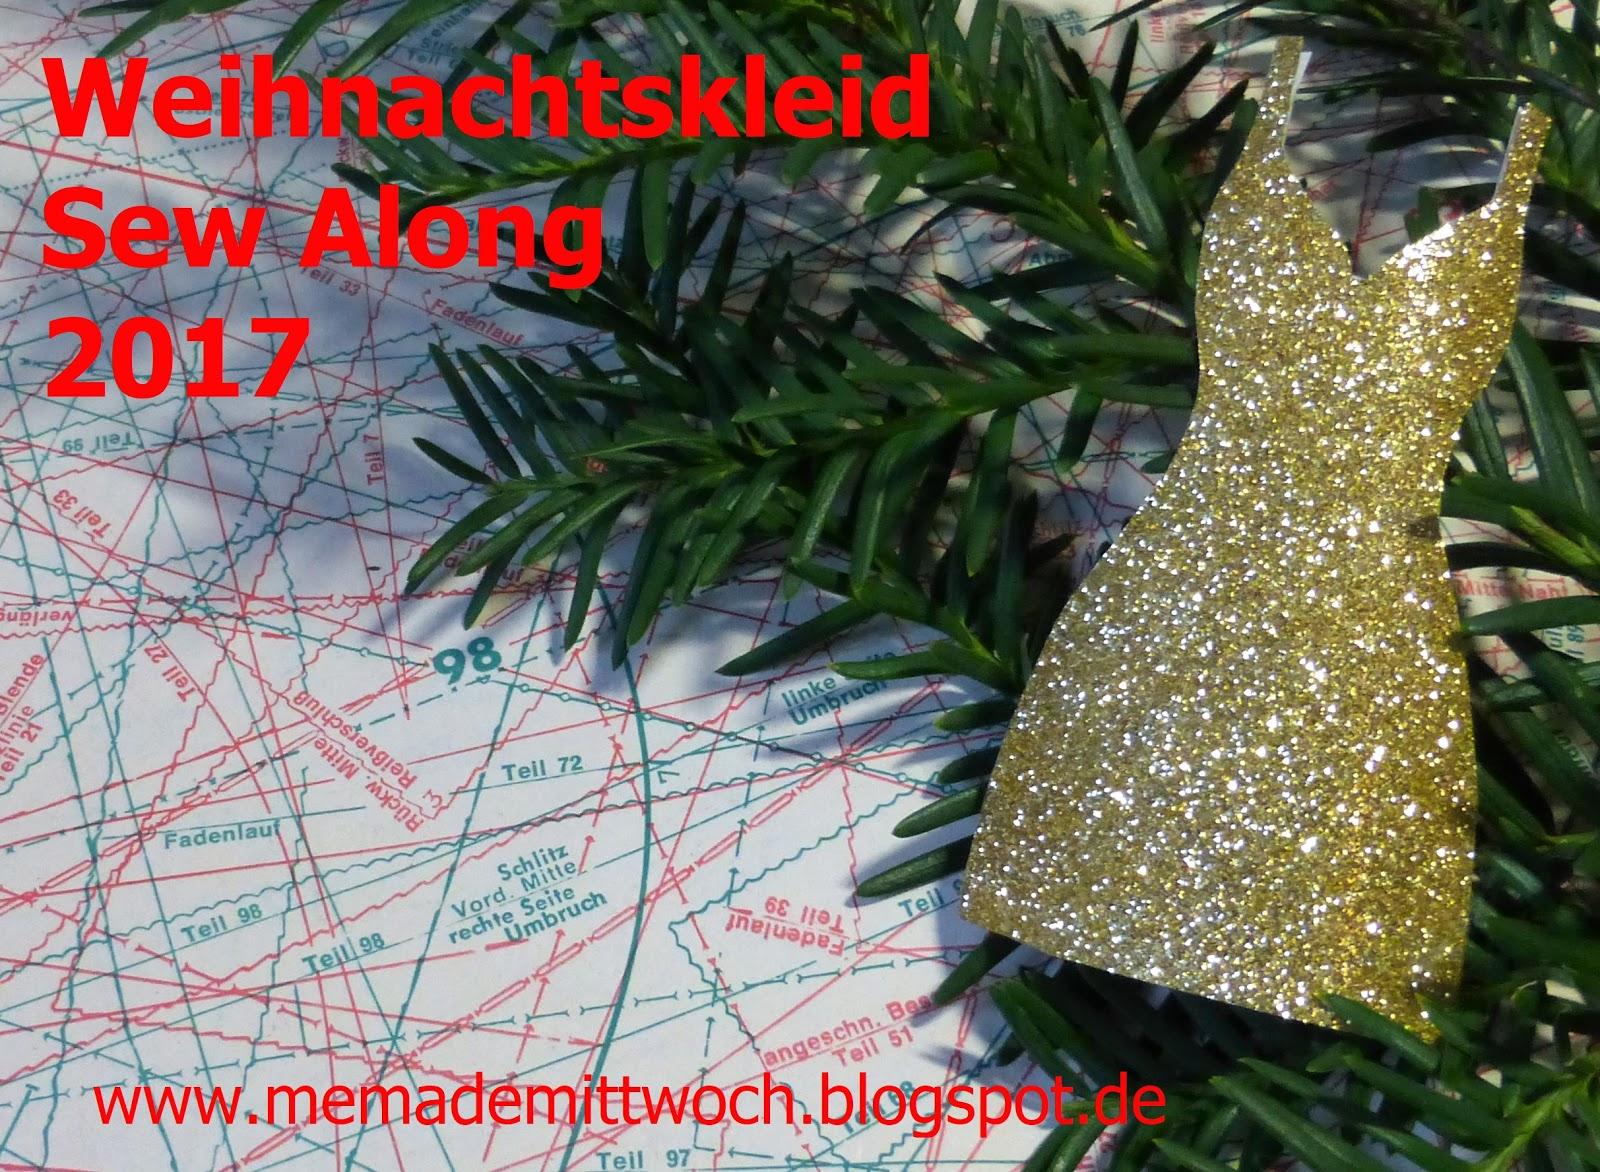 Weihnachtskleid Sew Along 2017